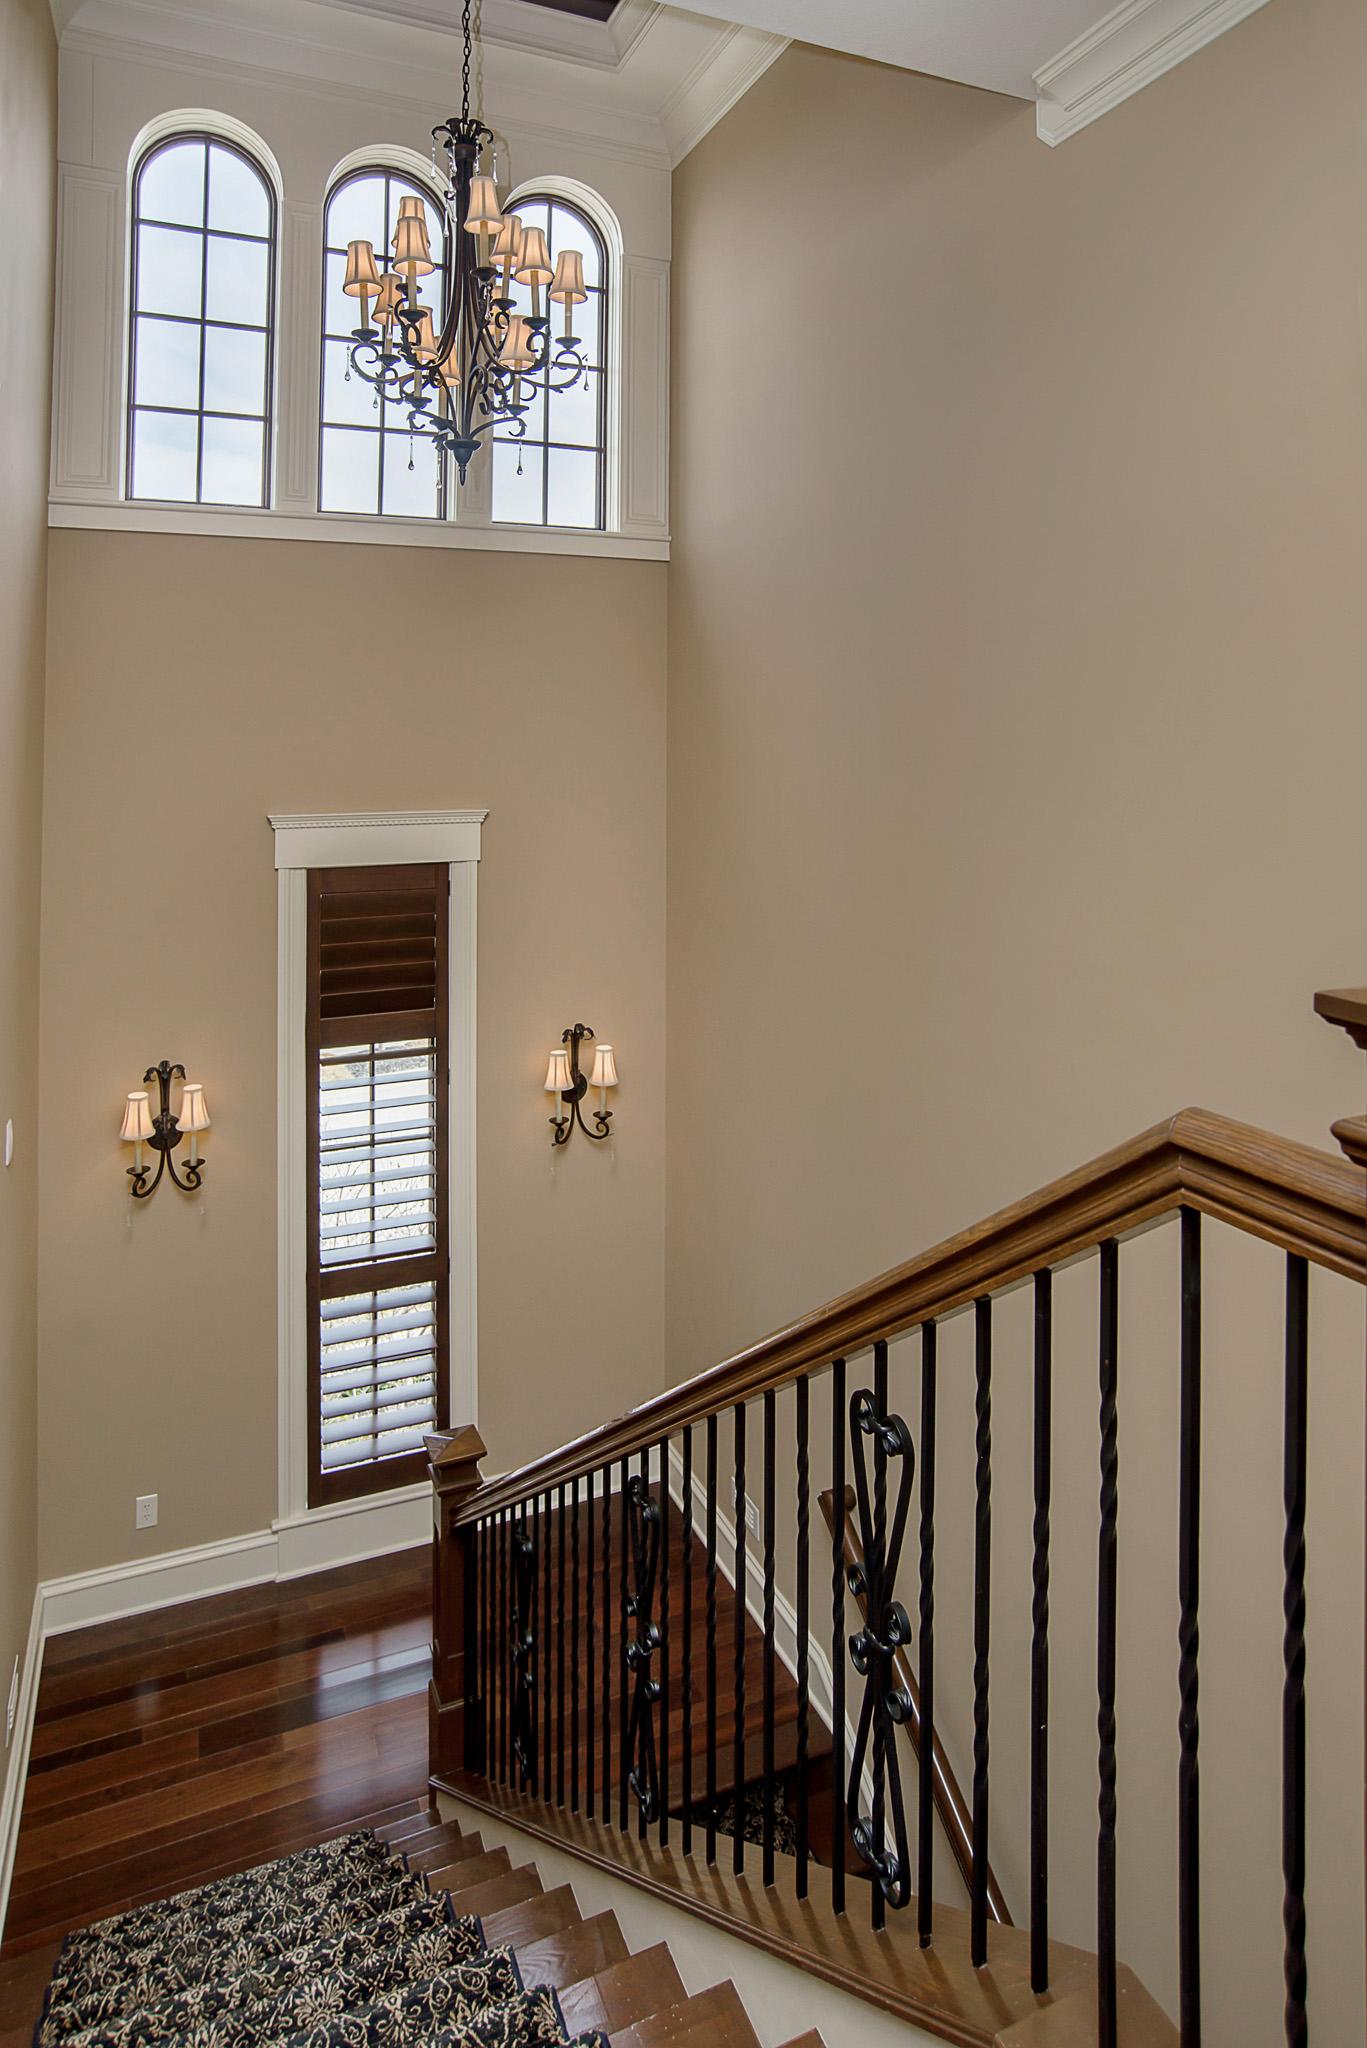 44-Stairway.jpg